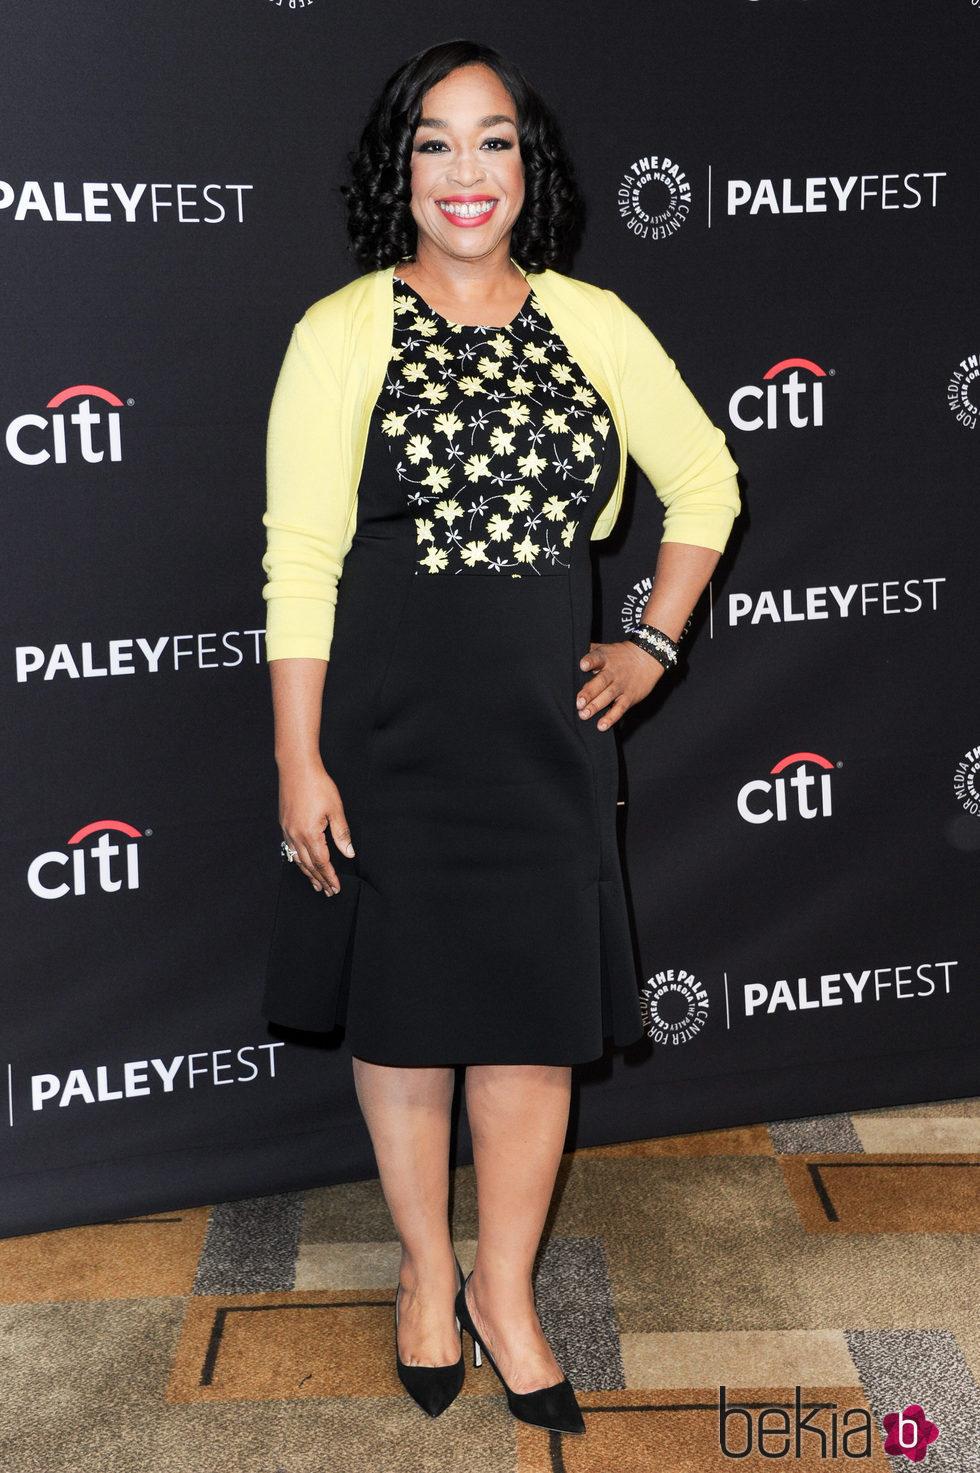 Shonda Rhimes en la promoción de 'Scandal' en el Paleyfest 2016